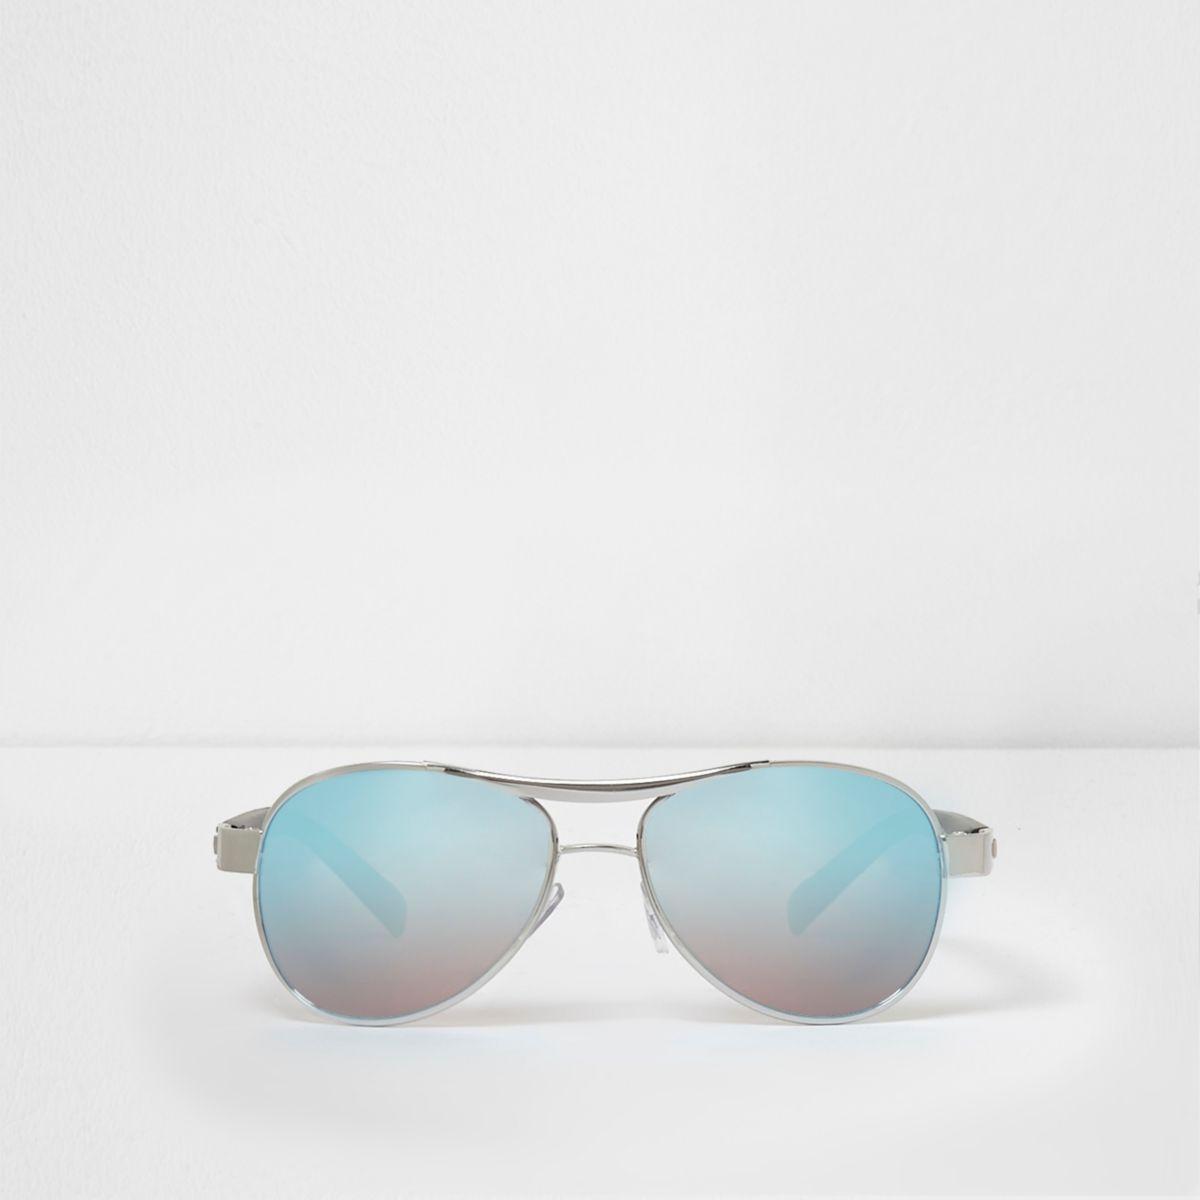 Boys blue mirror lens aviator sunglasses